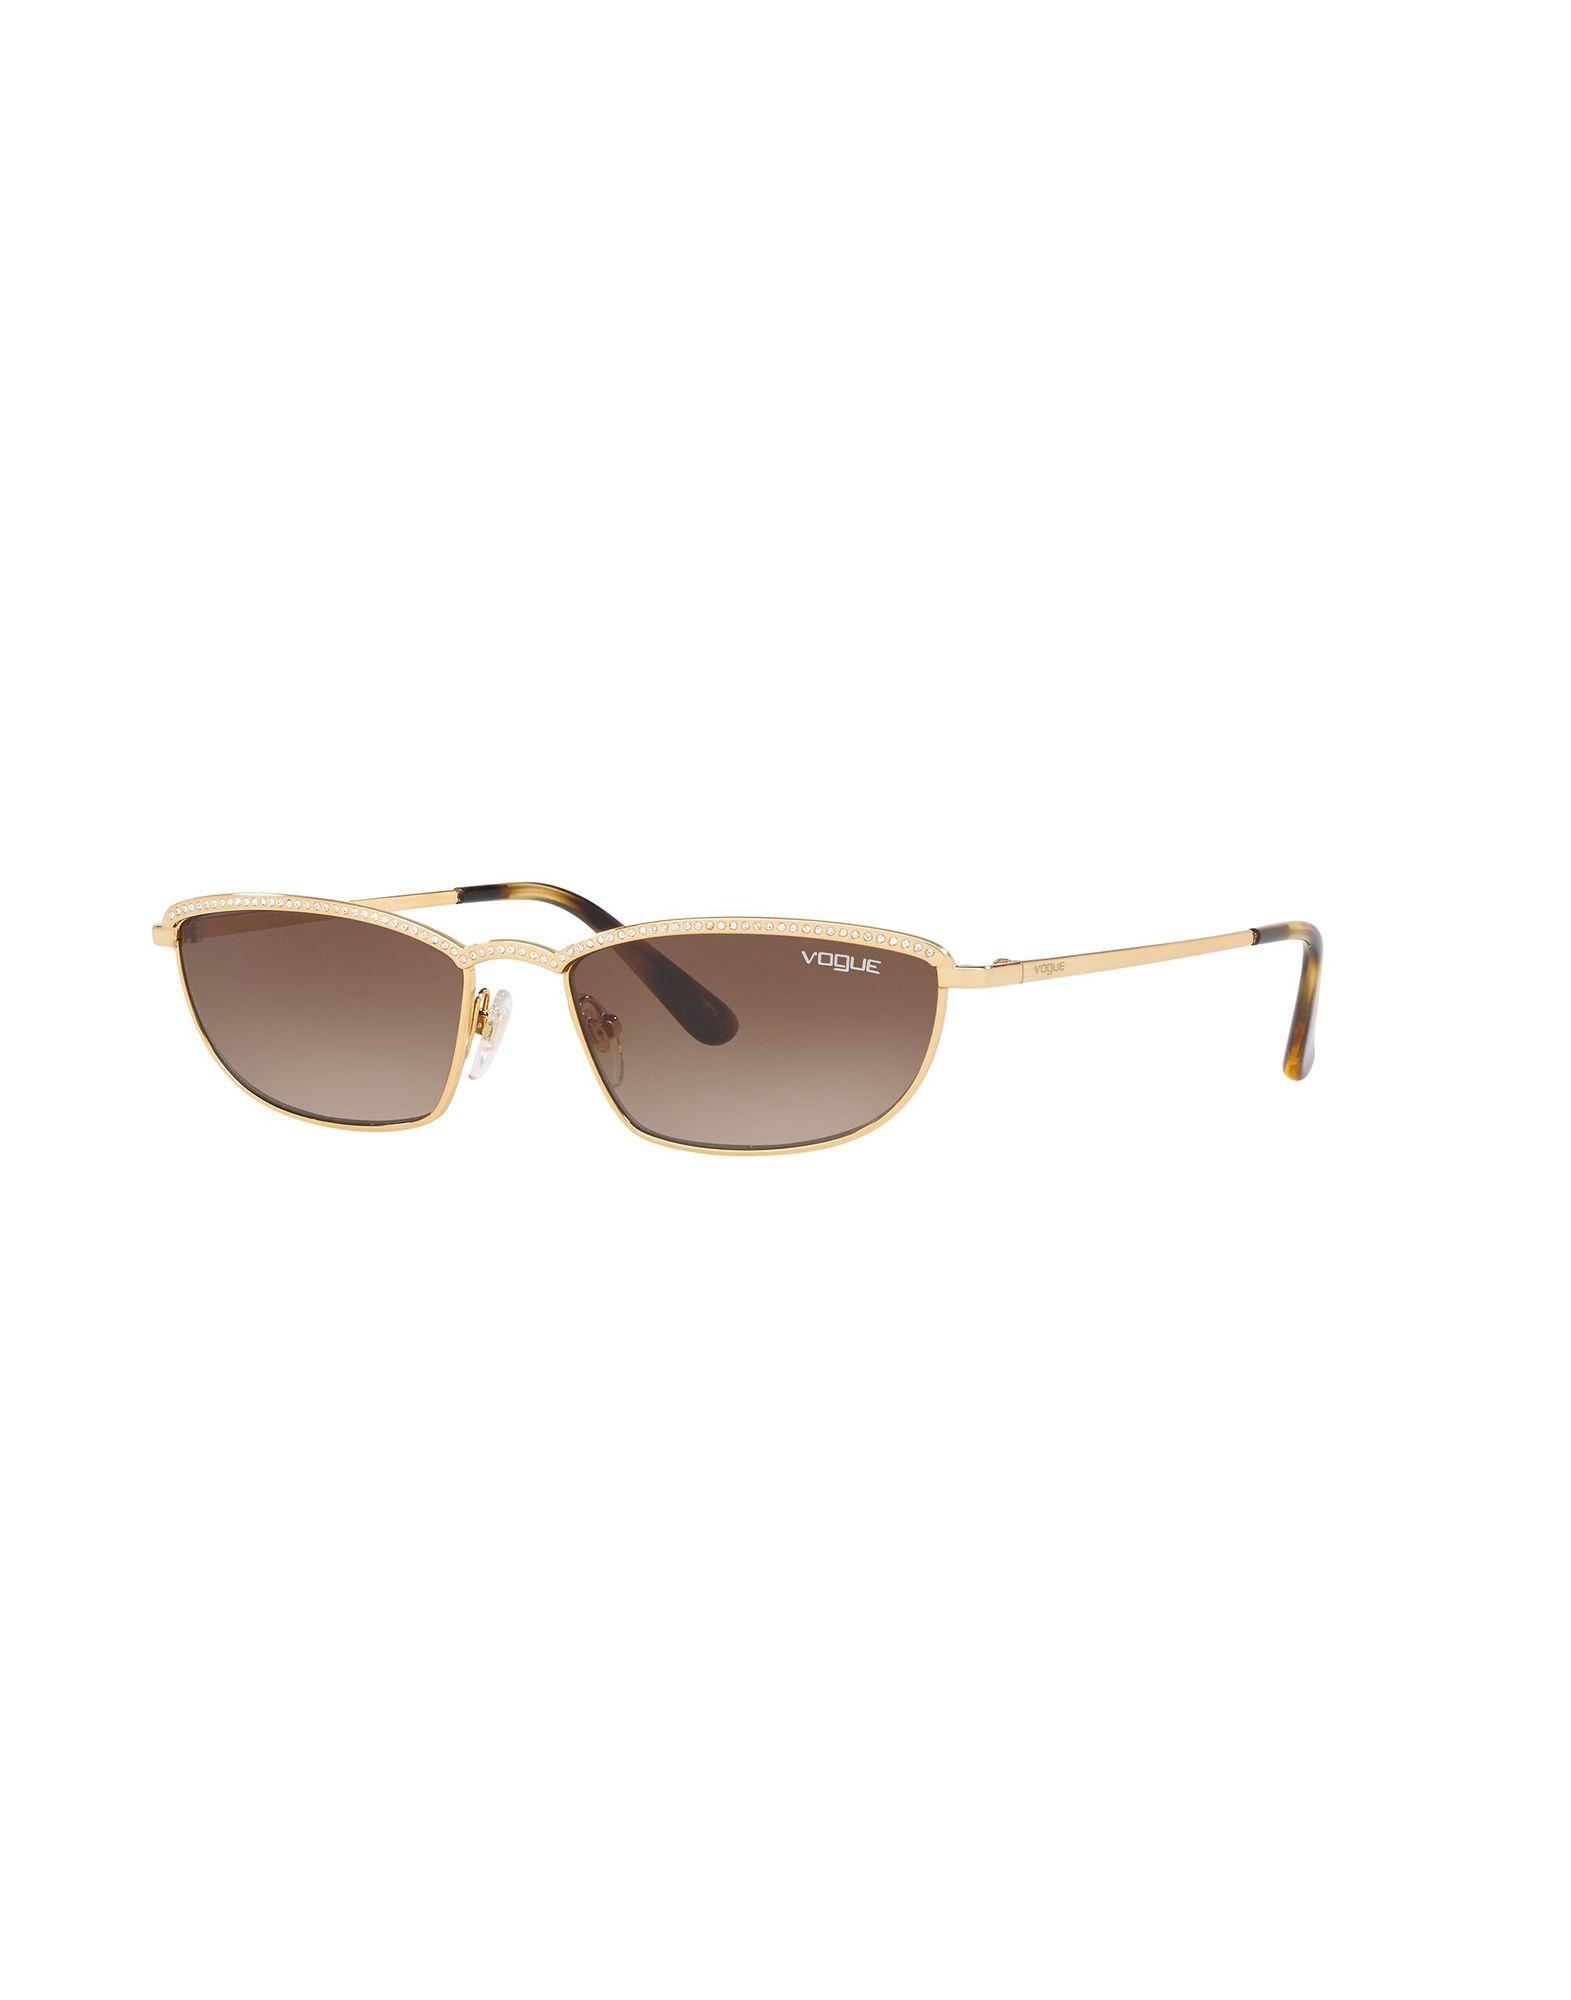 GIGI HADID for VOGUE Солнечные очки vogue солнечные очки